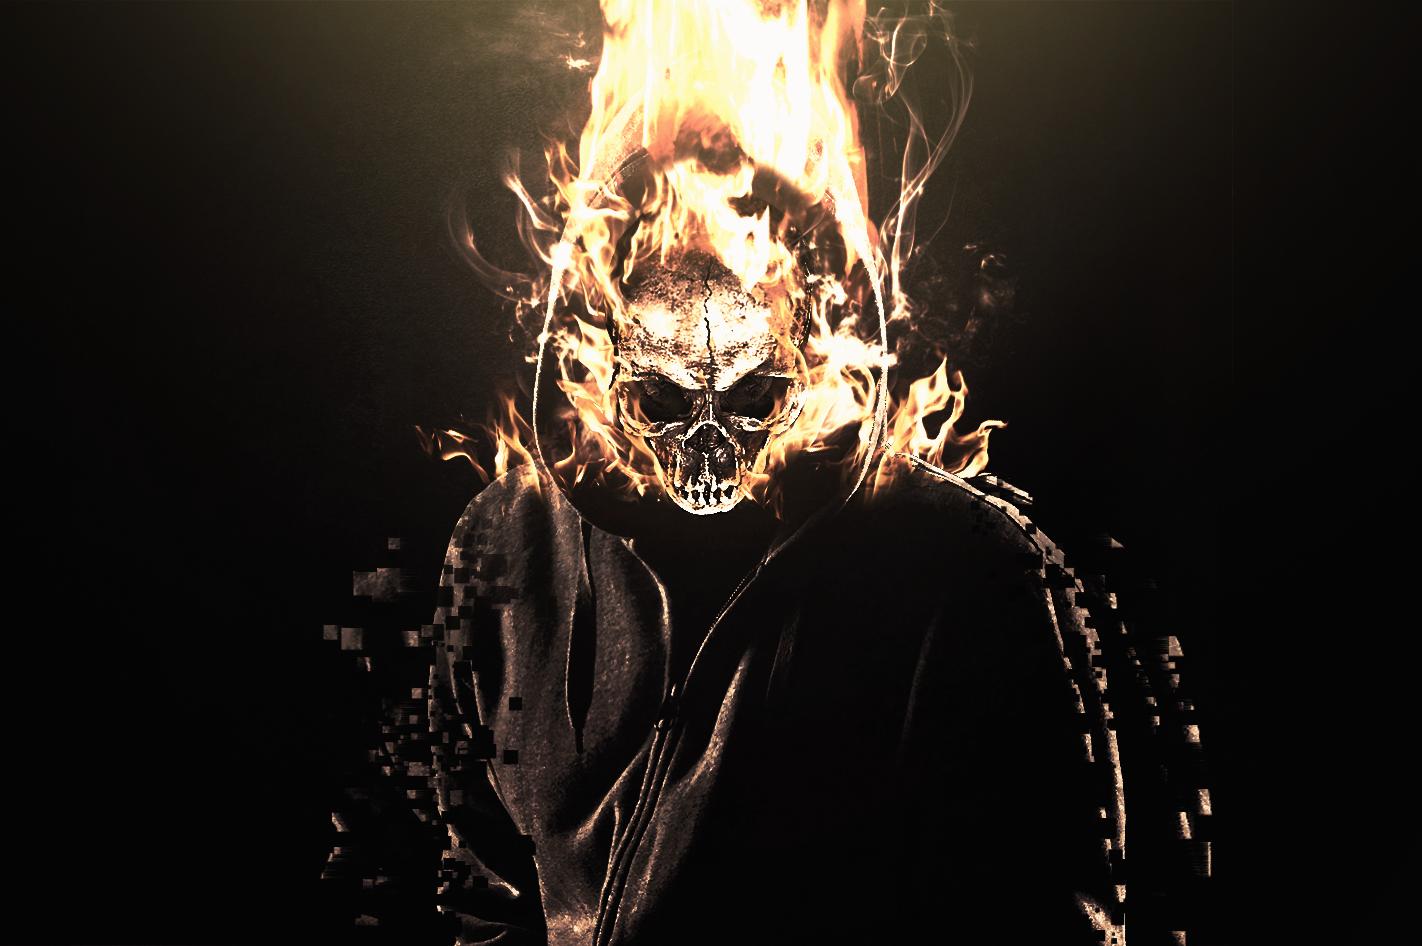 Flaming Skull Manipulation Wallpaper by RCDezine on DeviantArt